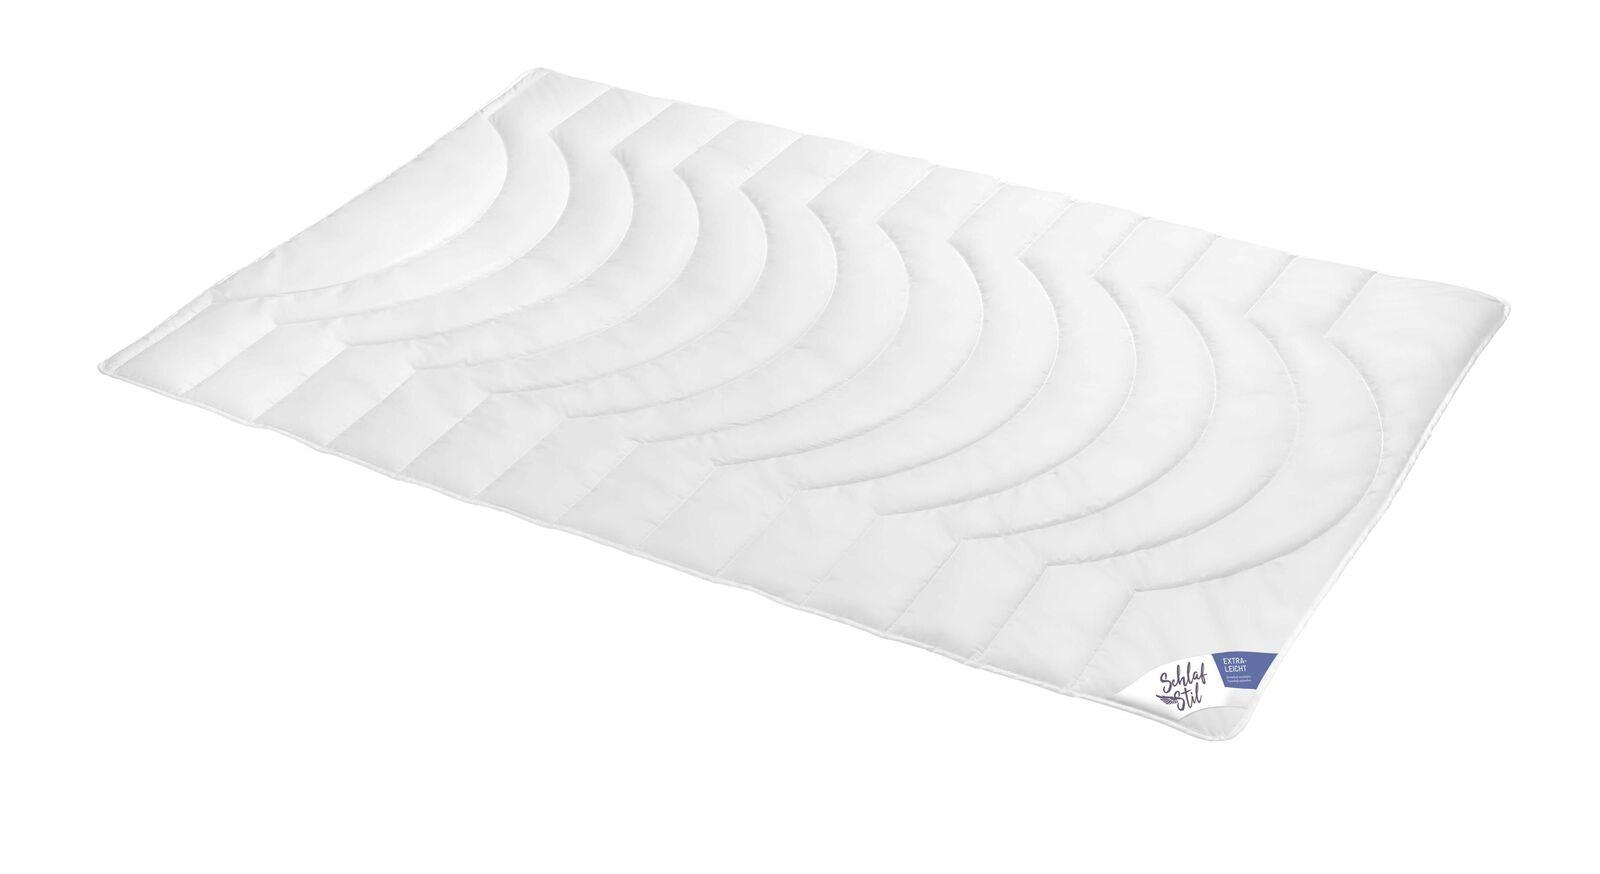 SCHLAFSTIL Markenfaser-Bettdecke F200 extra leicht für Sommernächte